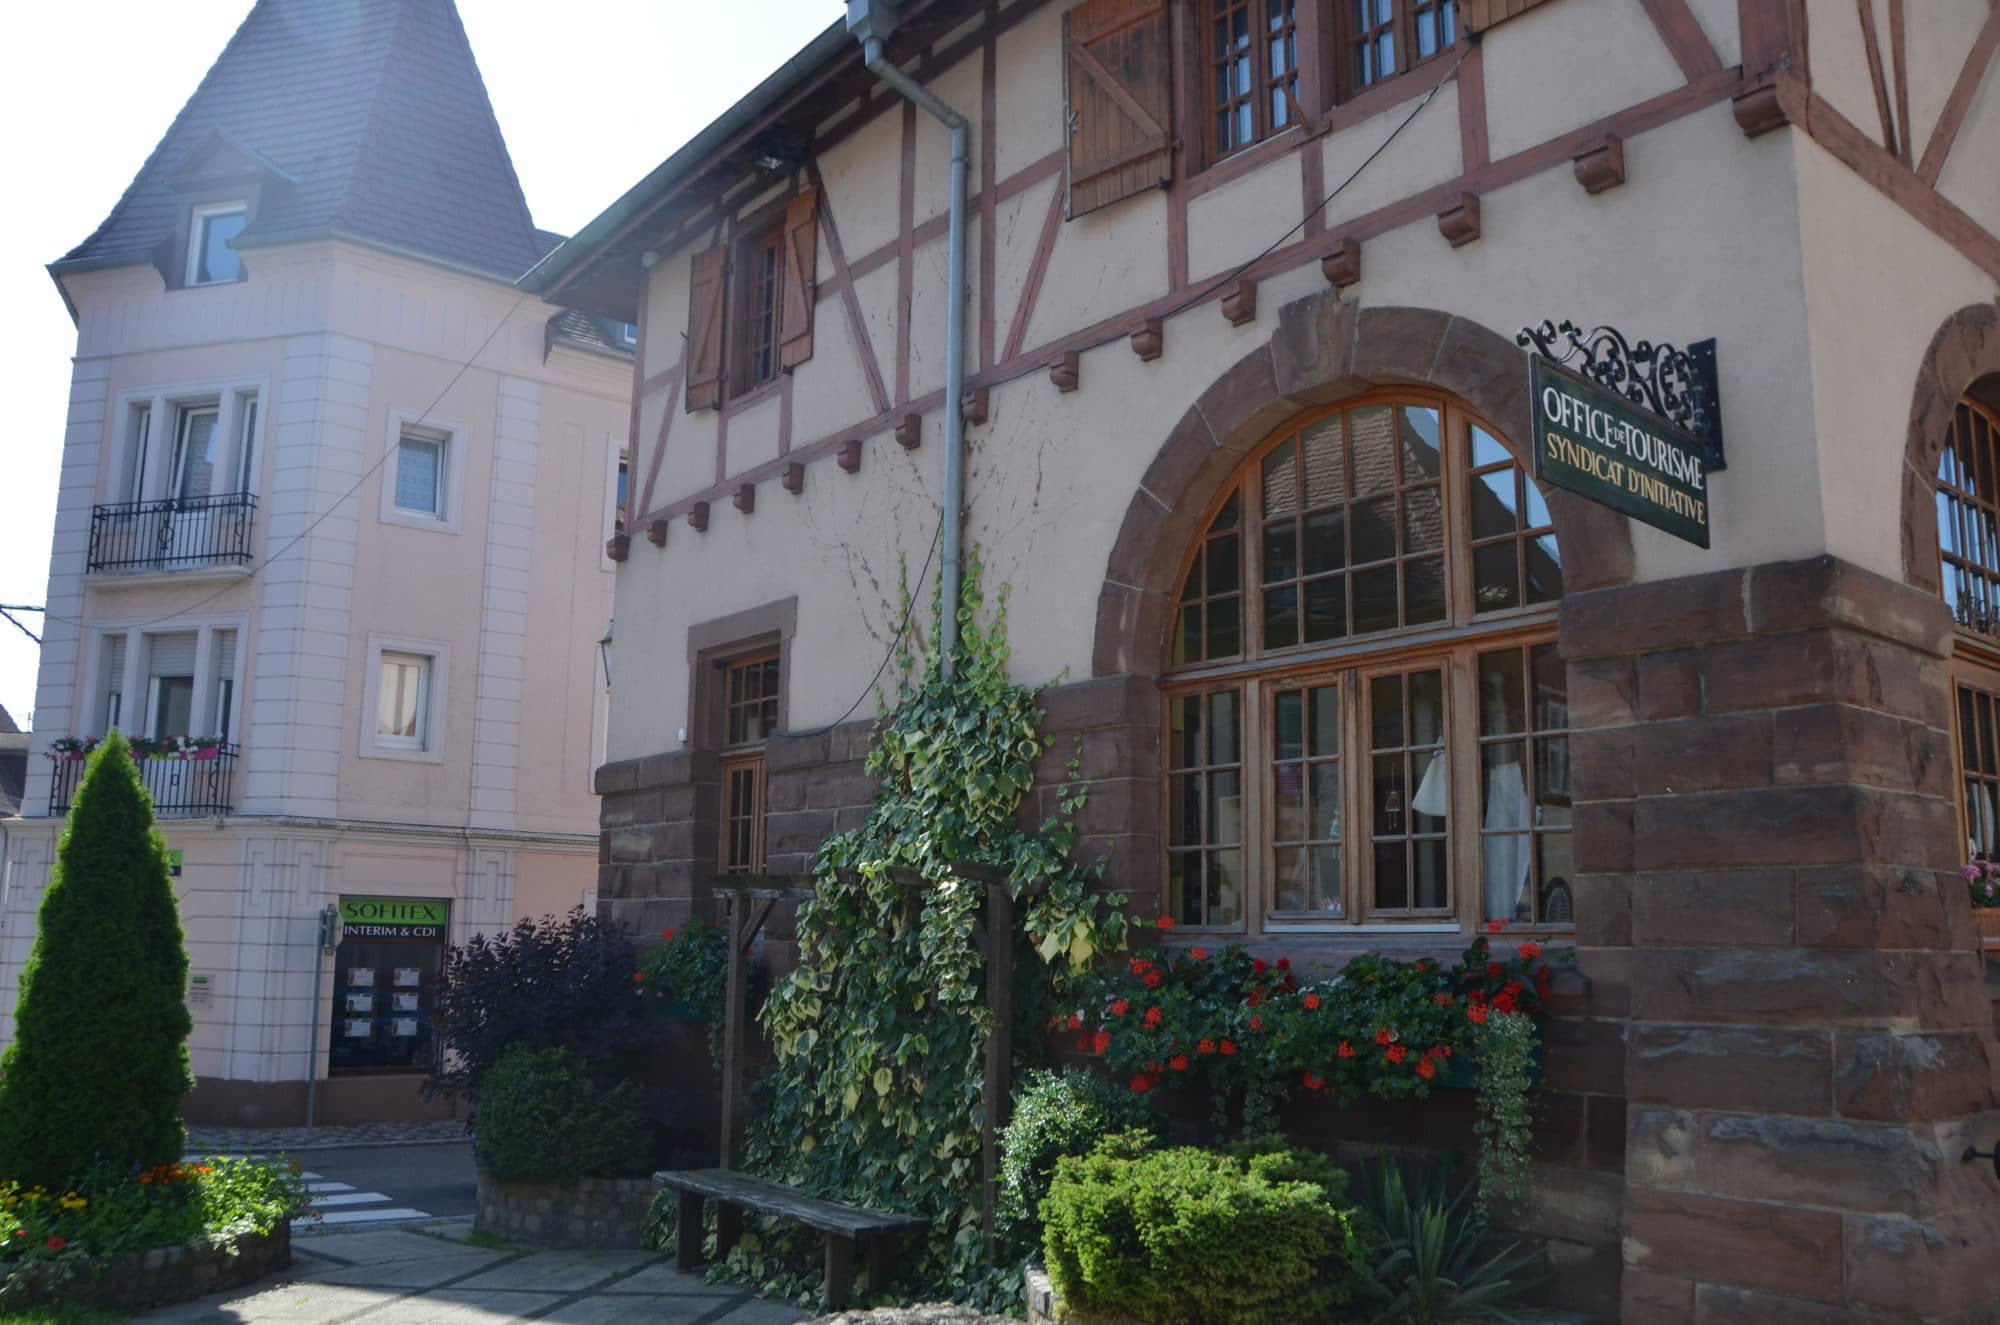 Visiter cernay ville site officiel de la ville de cernay 68 alsace - Office de tourisme de cernay ...